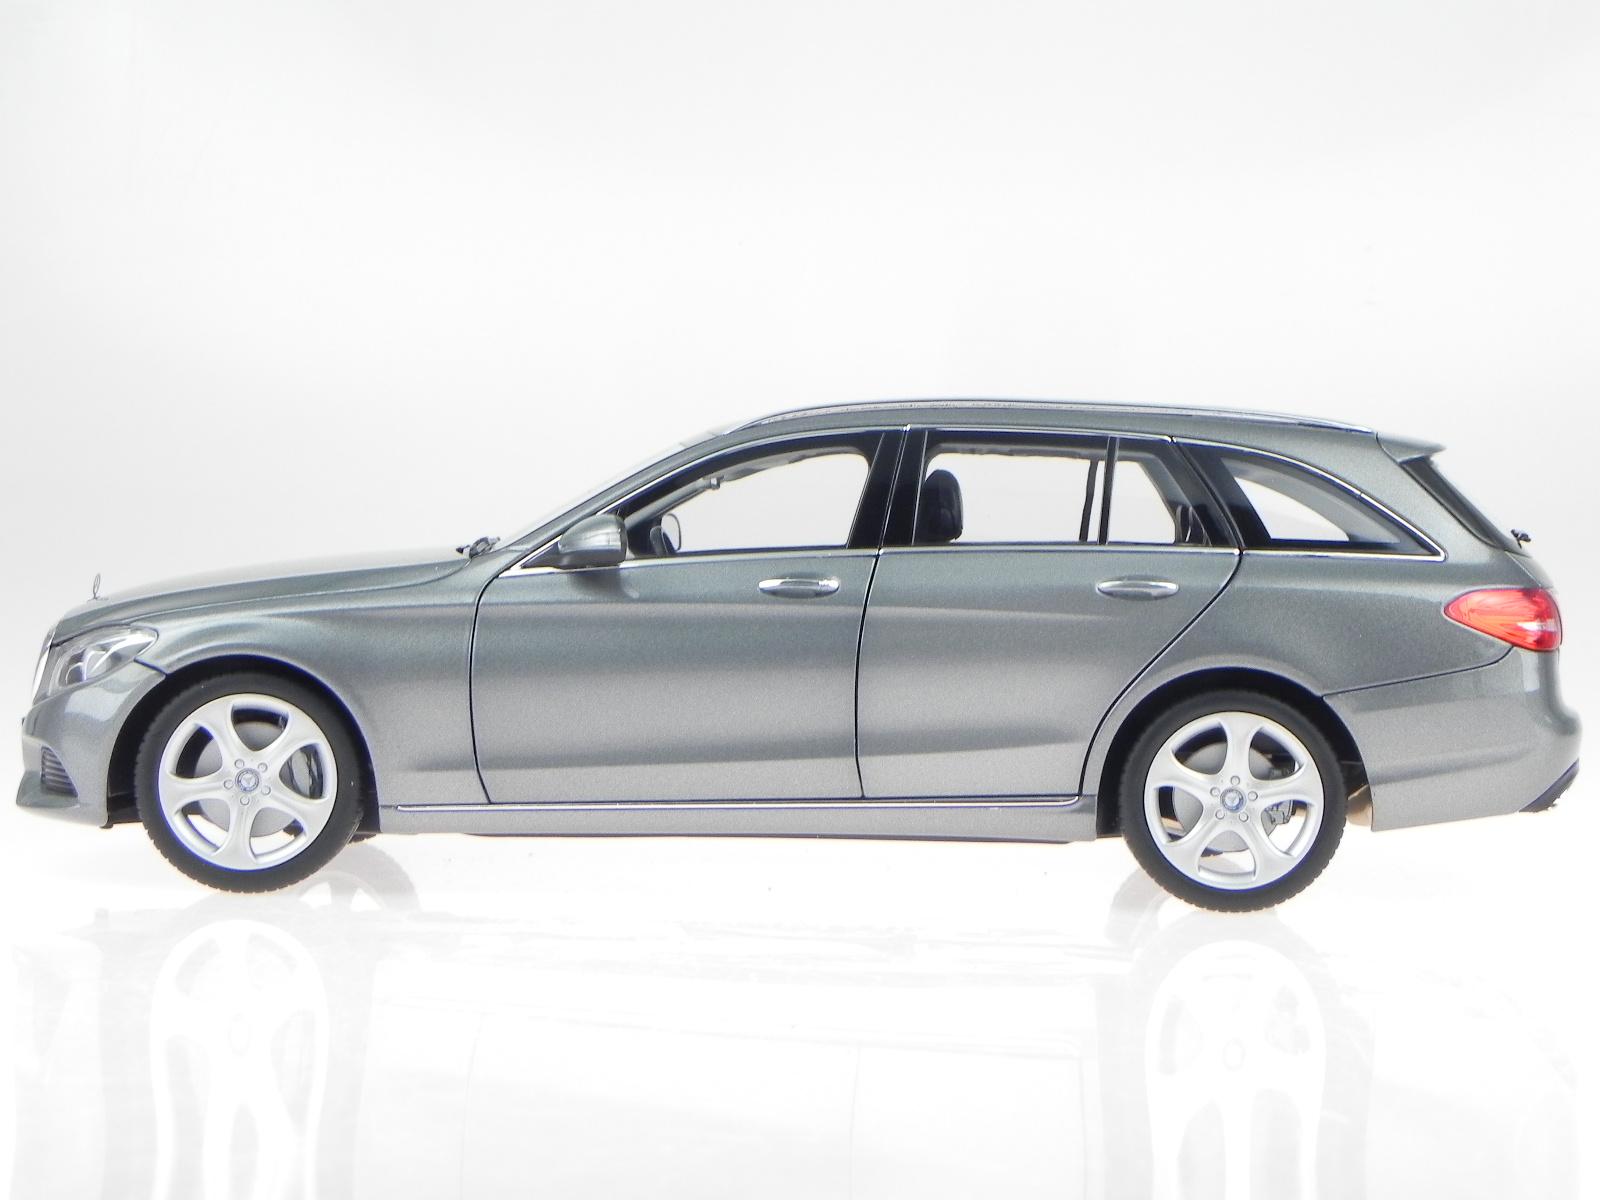 Mercedes S205 S205 S205 C-Classe T-Modell Exclusive argent véhicule miniature Norev 1 18 5880dd